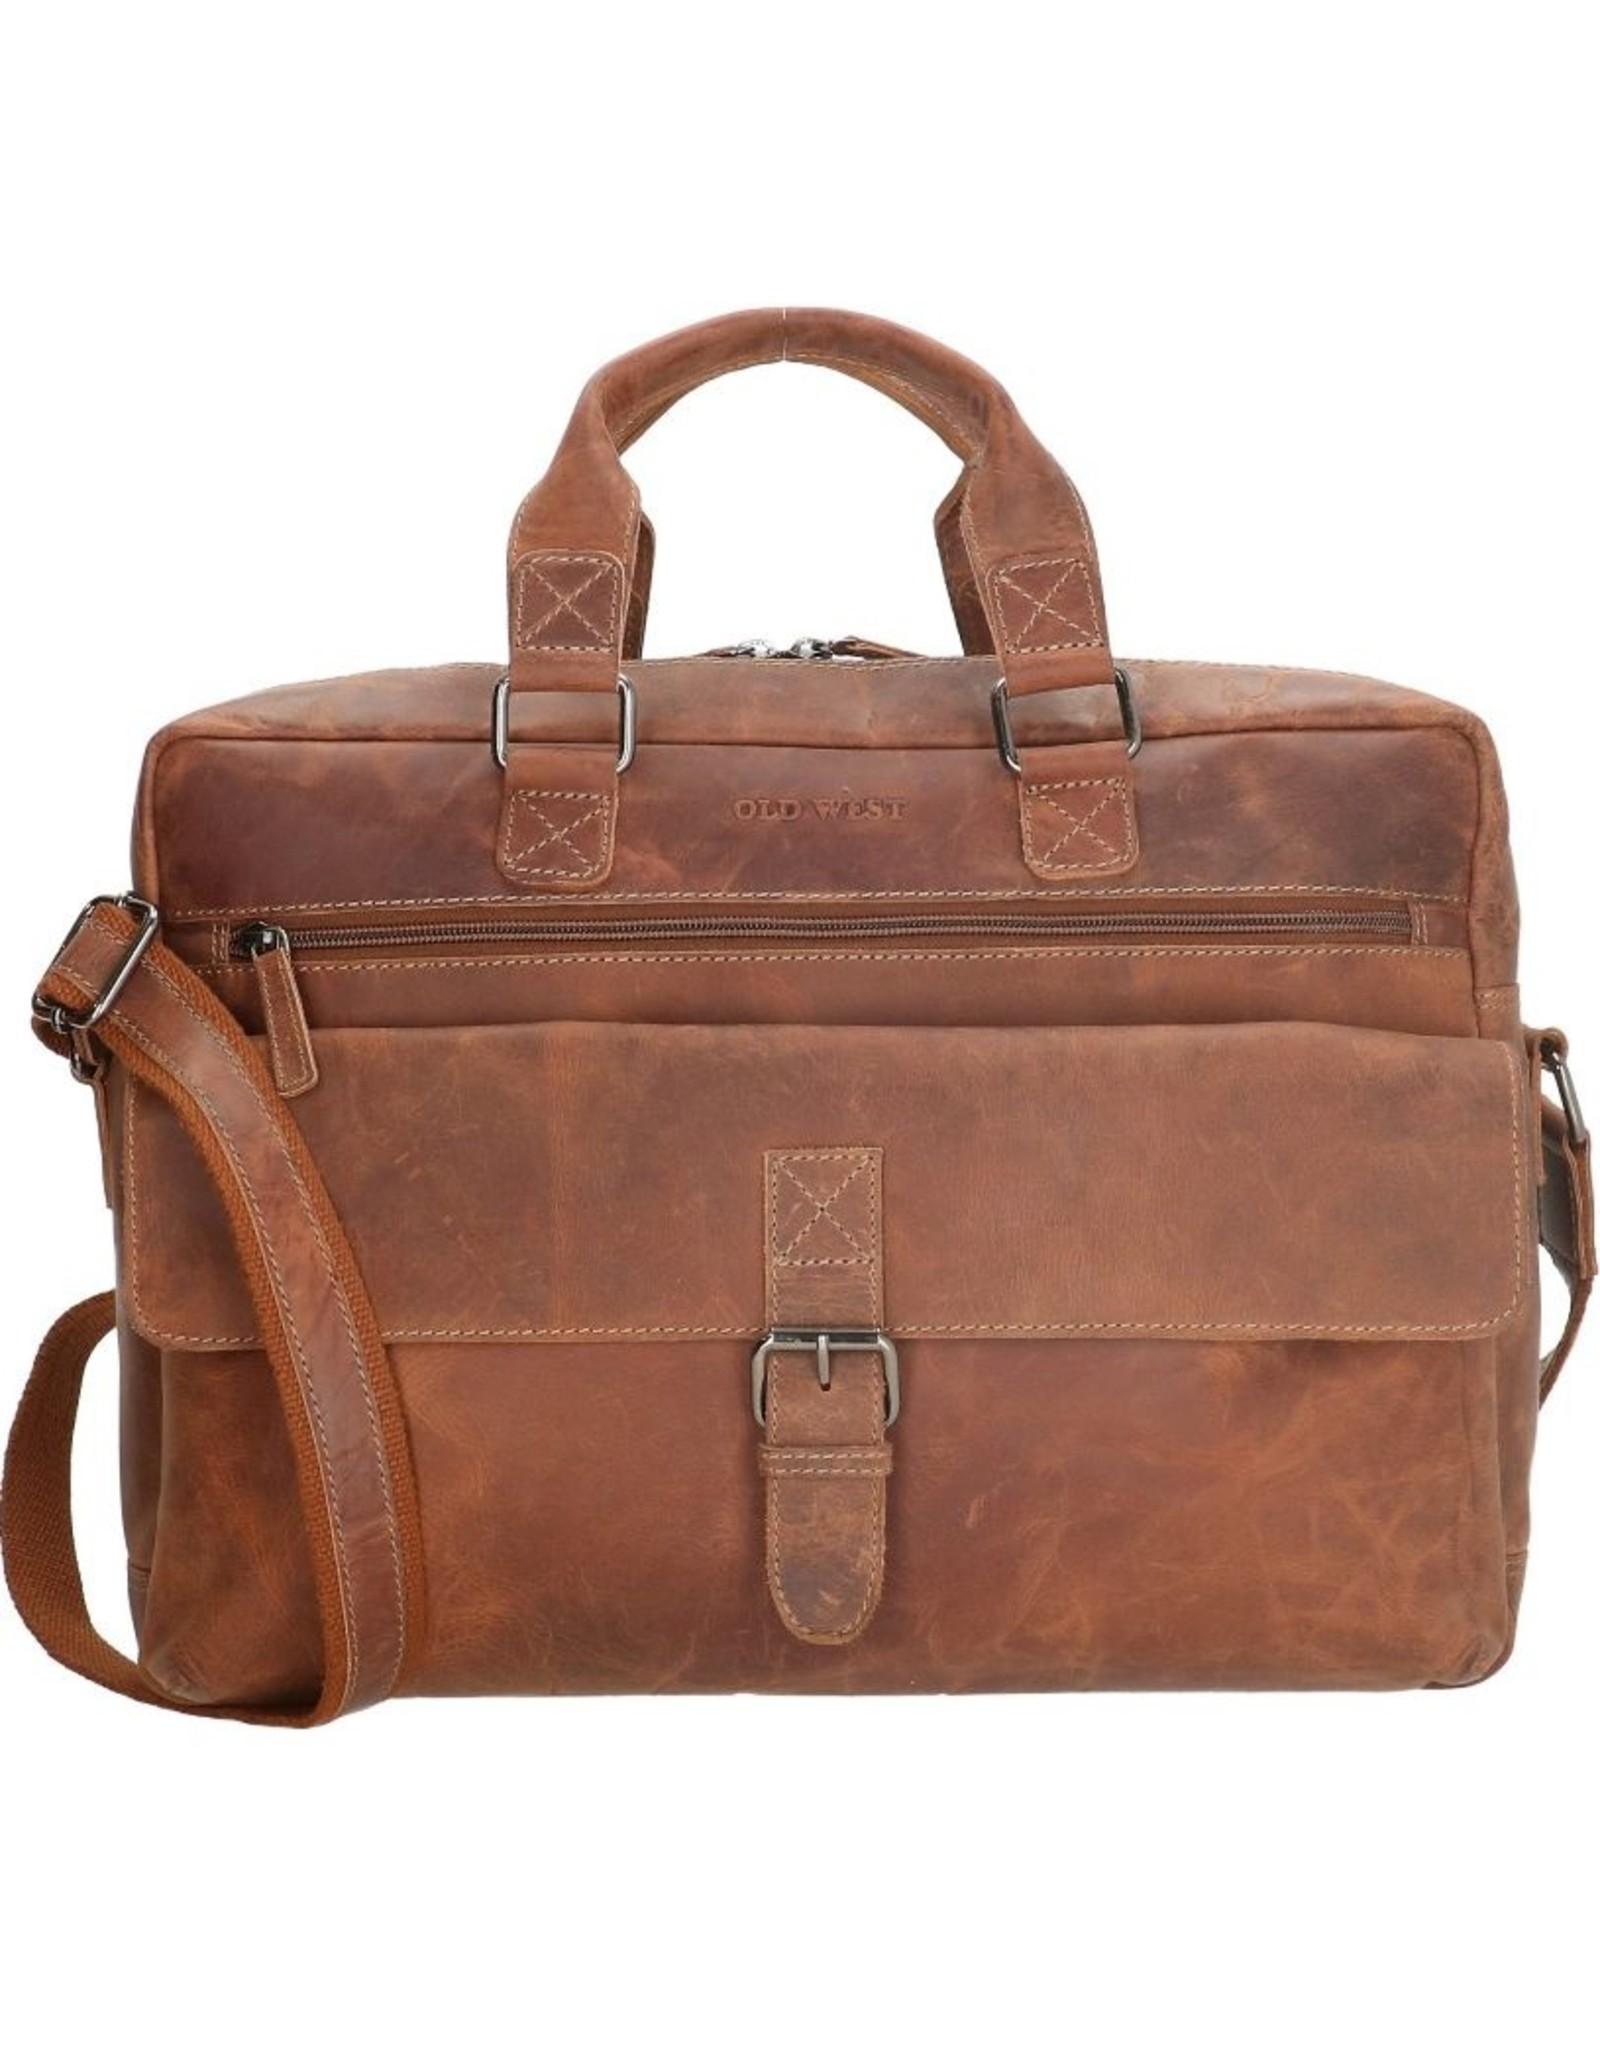 """Old West Leren werktassen en Leren laptoptassen - Laptoptas Old West 15,6 """" gelooid leer (camel)"""